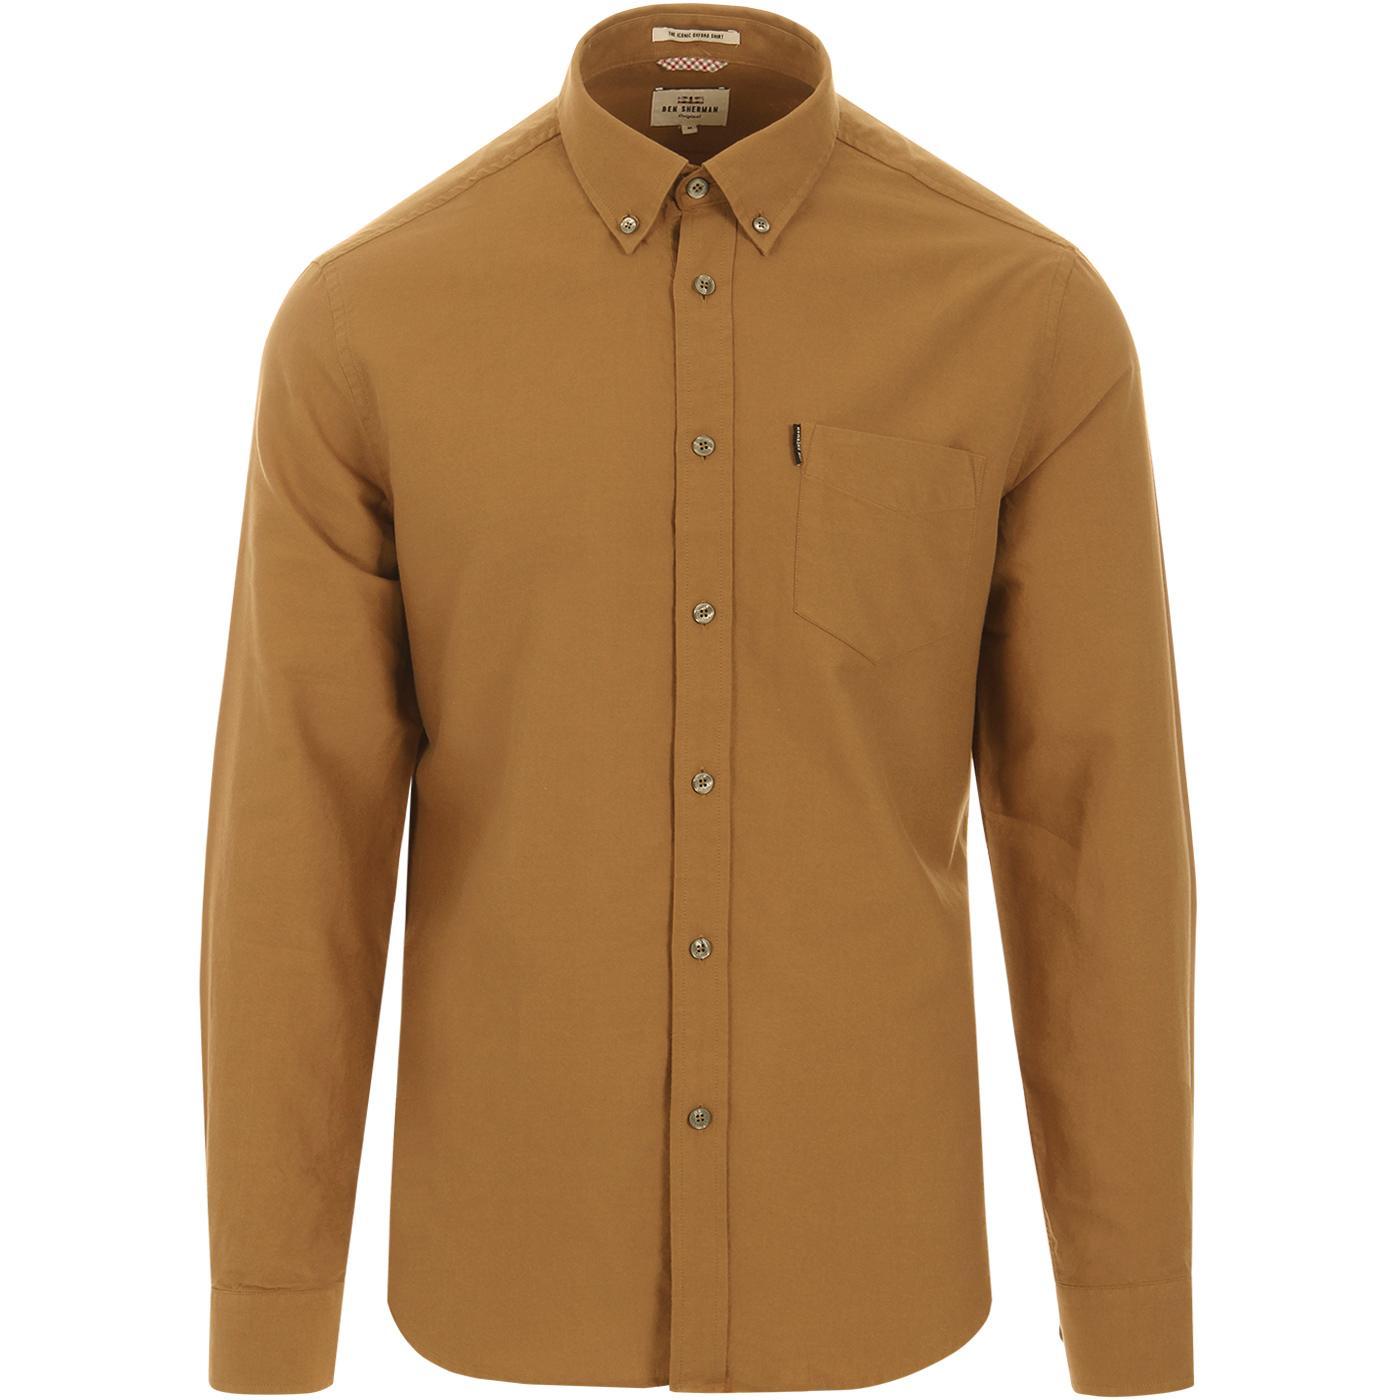 BEN SHERMAN Mod Button Down Oxford Shirt CAMEL